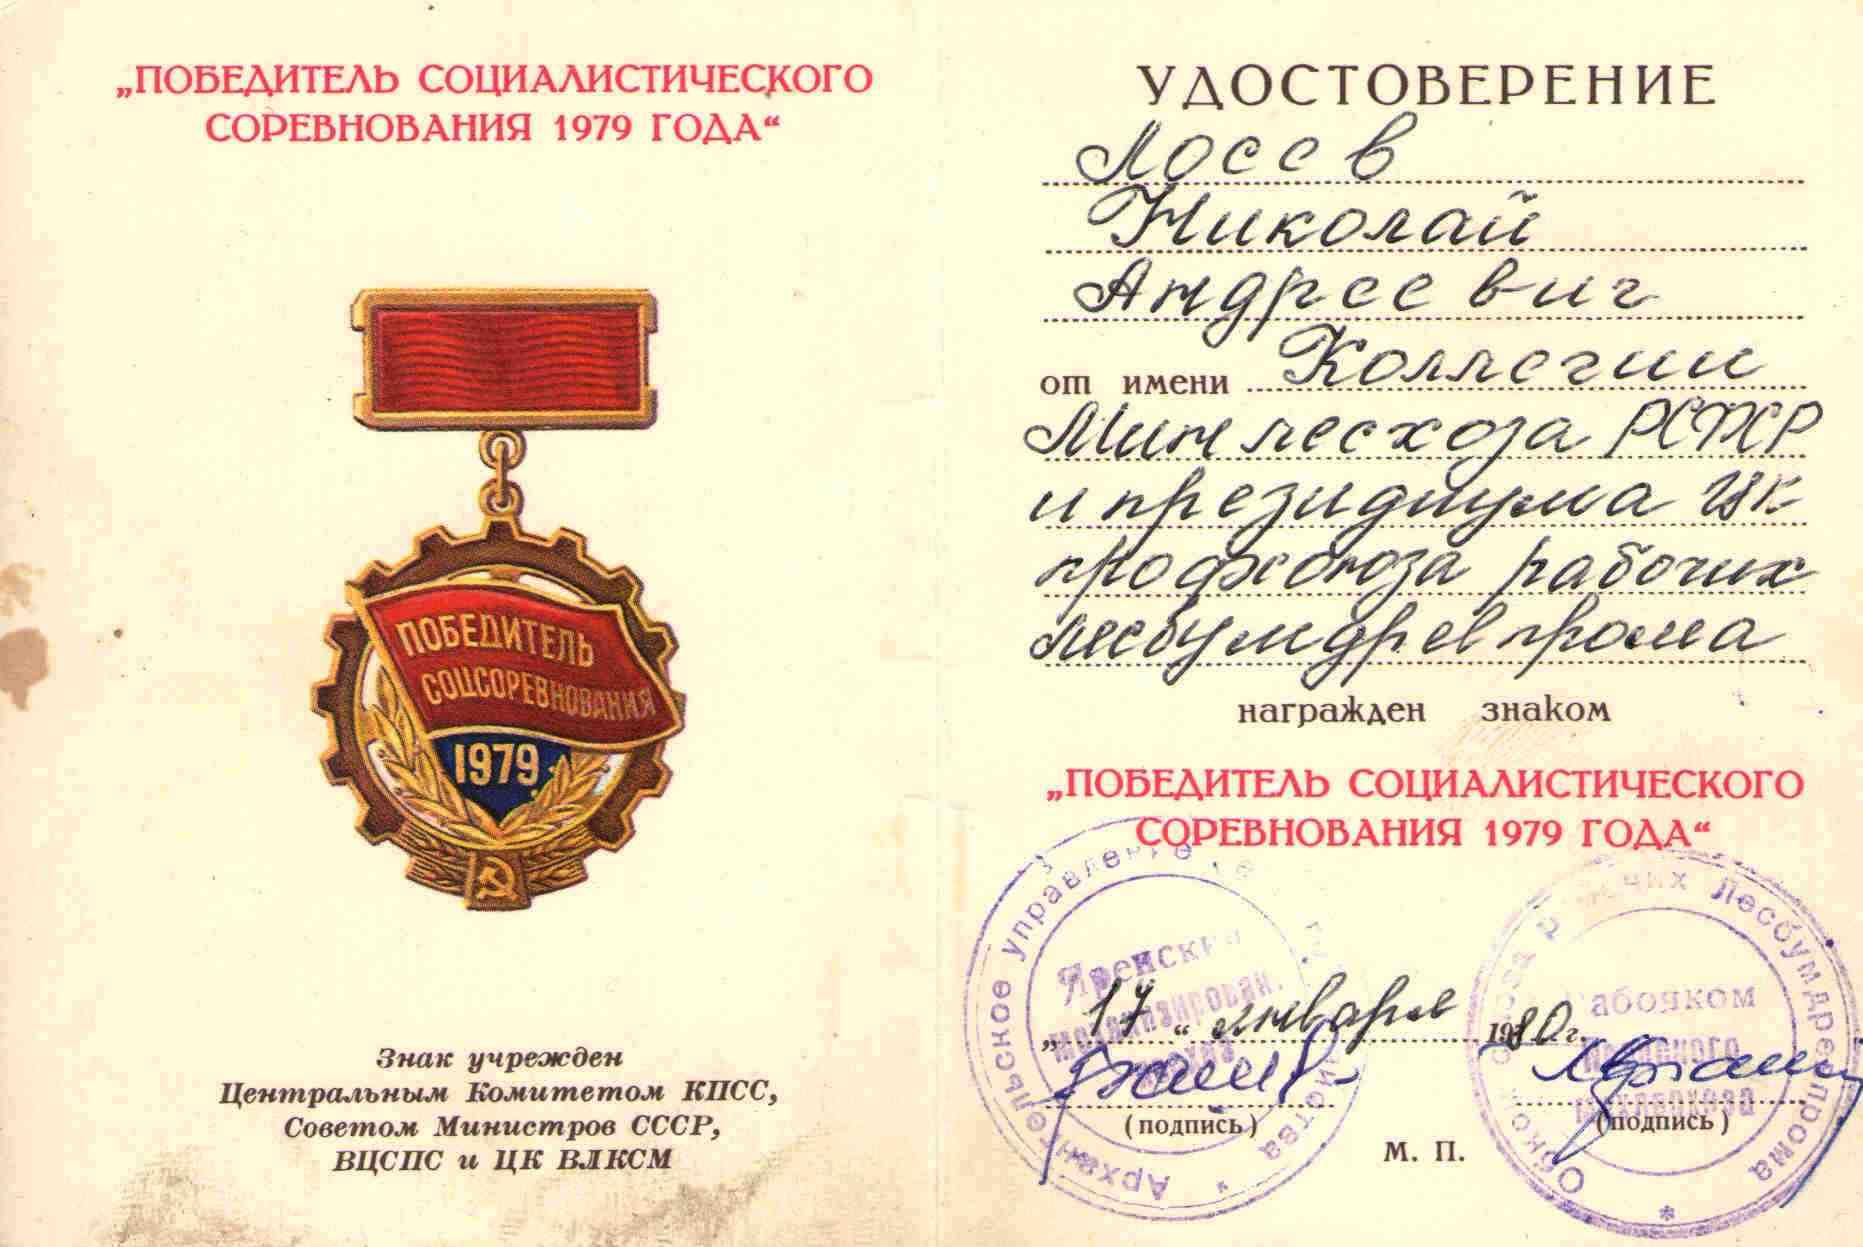 65. Удостоверение к знаку Победитель социалистического соревнования 1979 г.